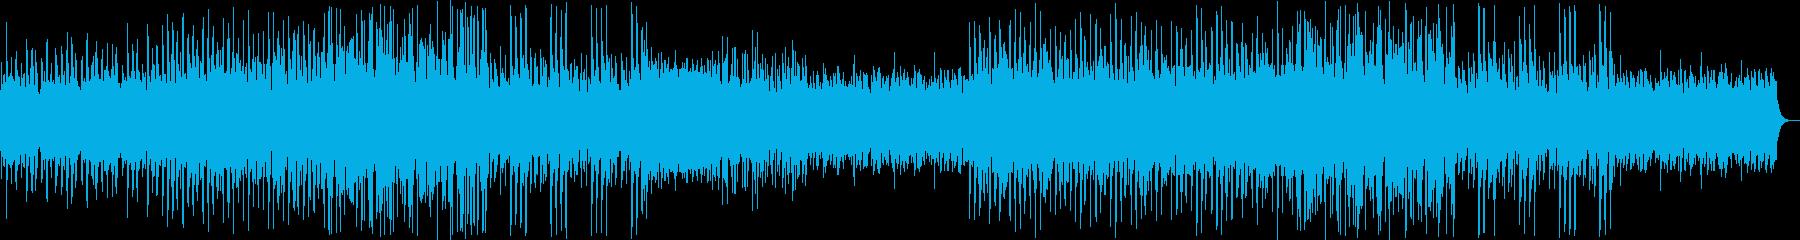 ウキウキしたシンセ・鉄琴などのサウンドの再生済みの波形